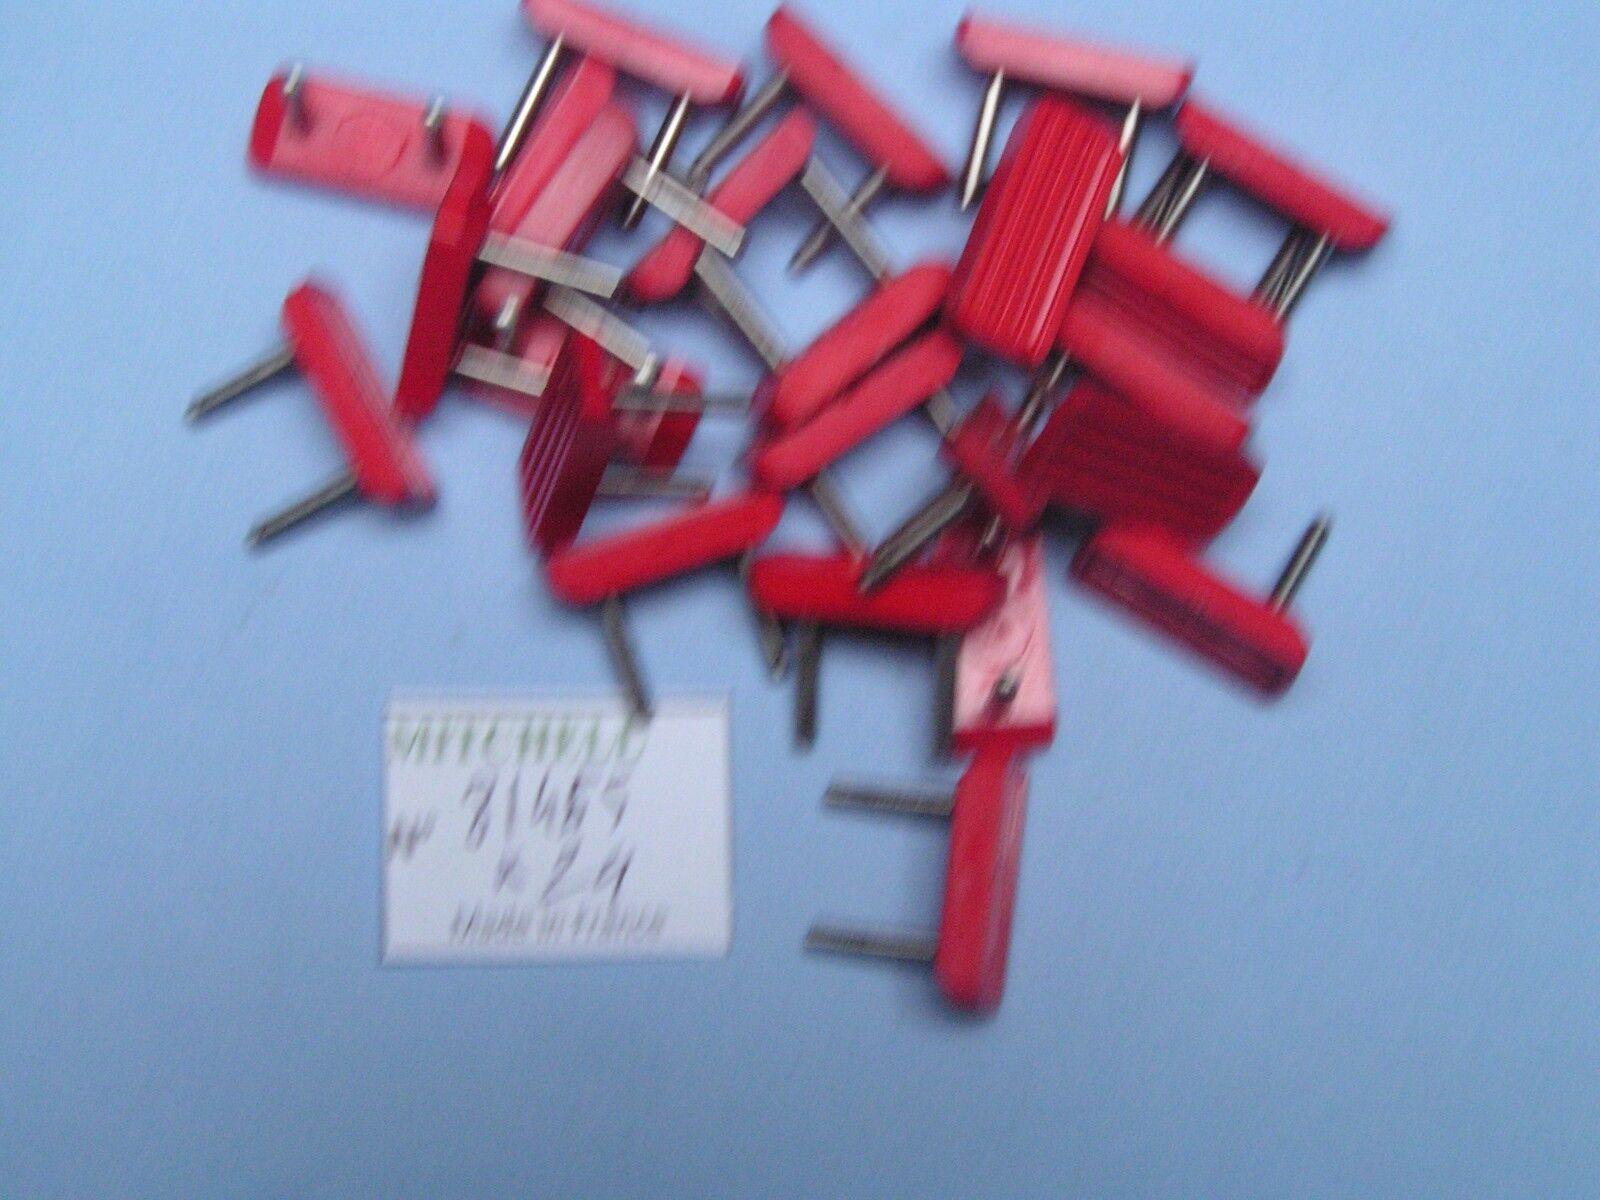 24 Oszillation slide sperren Echter Teil Teil Teil 81455 PIN-r mitchell Rolle 498 & andere 374c24